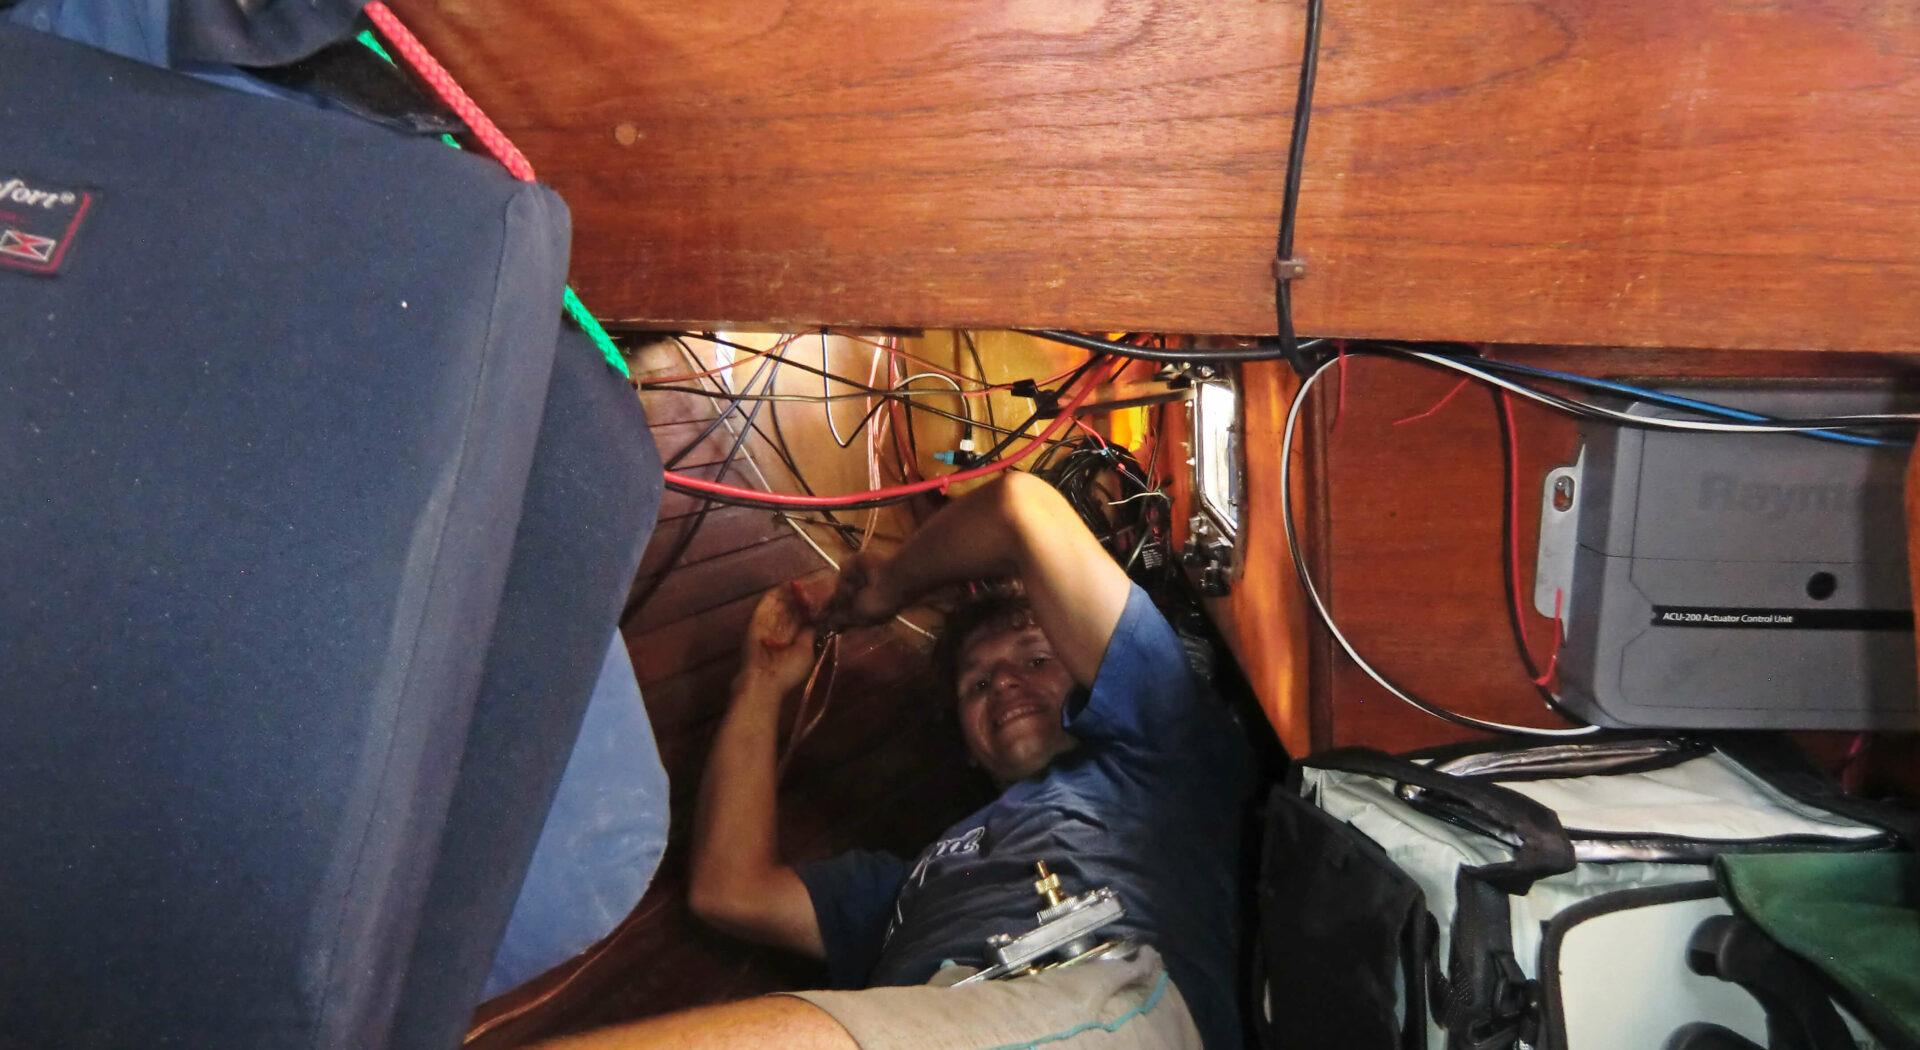 For å få kabalen med ledninger og elektriske koblinger til å gå opp må man inn i alle kriker og kroker.